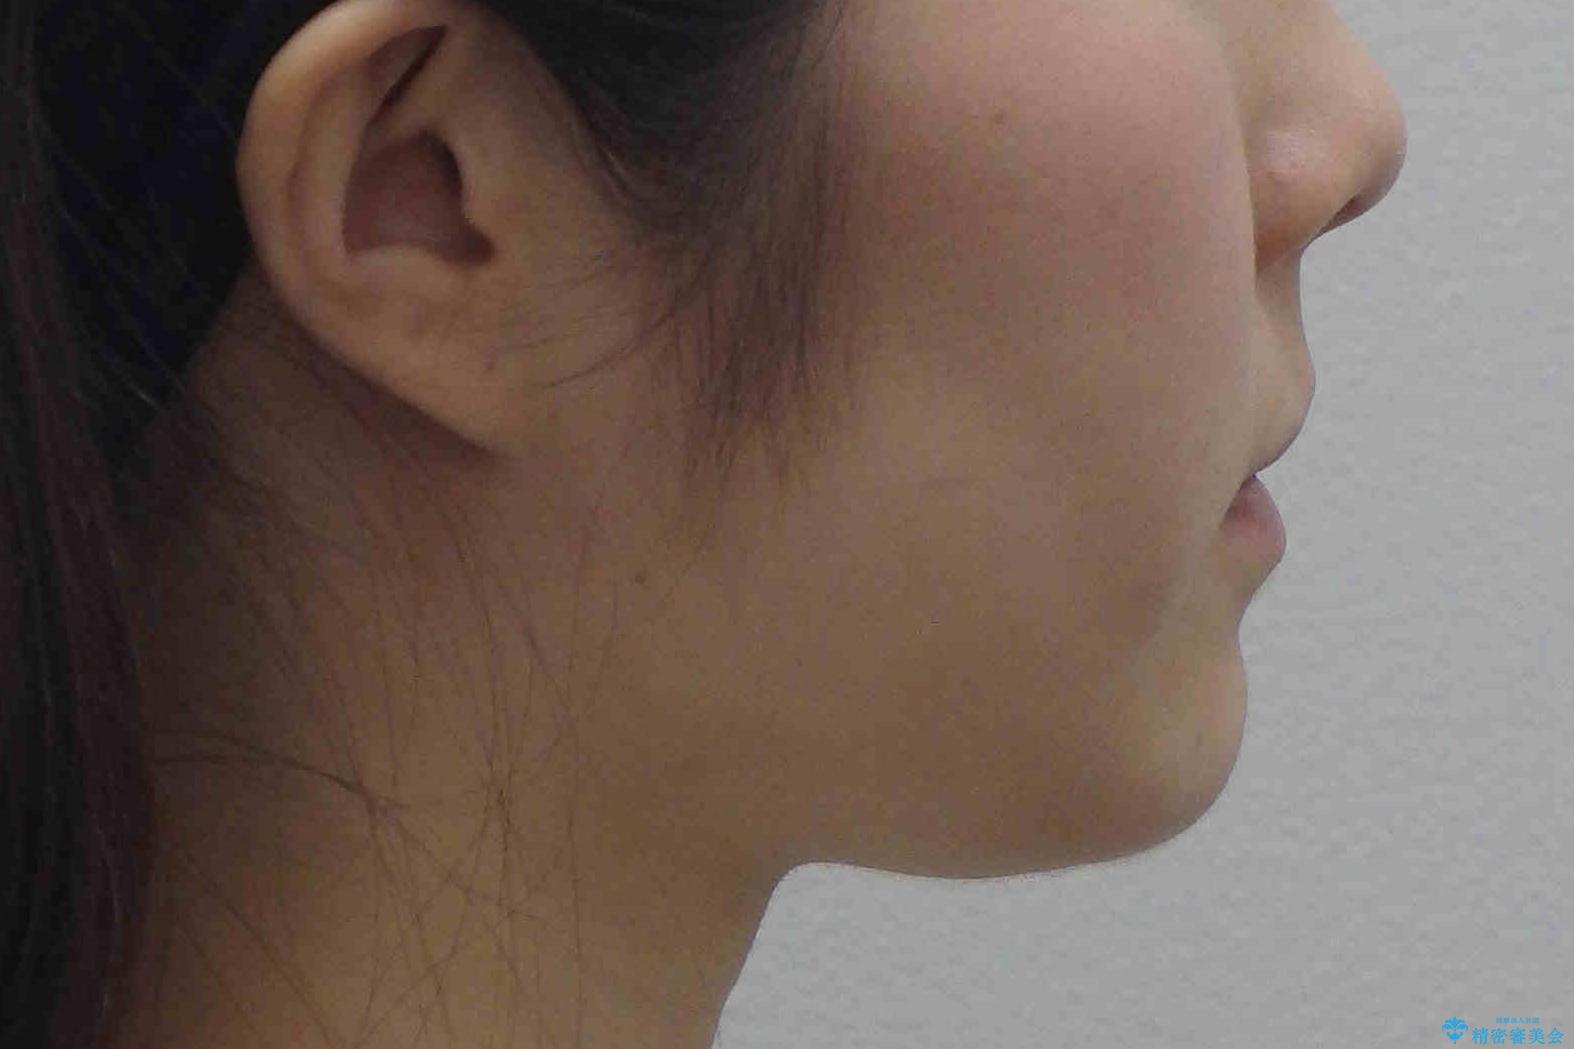 ハーフリンガル 犬歯のねじれ 歯根の外部吸収している歯を抜歯の治療前(顔貌)